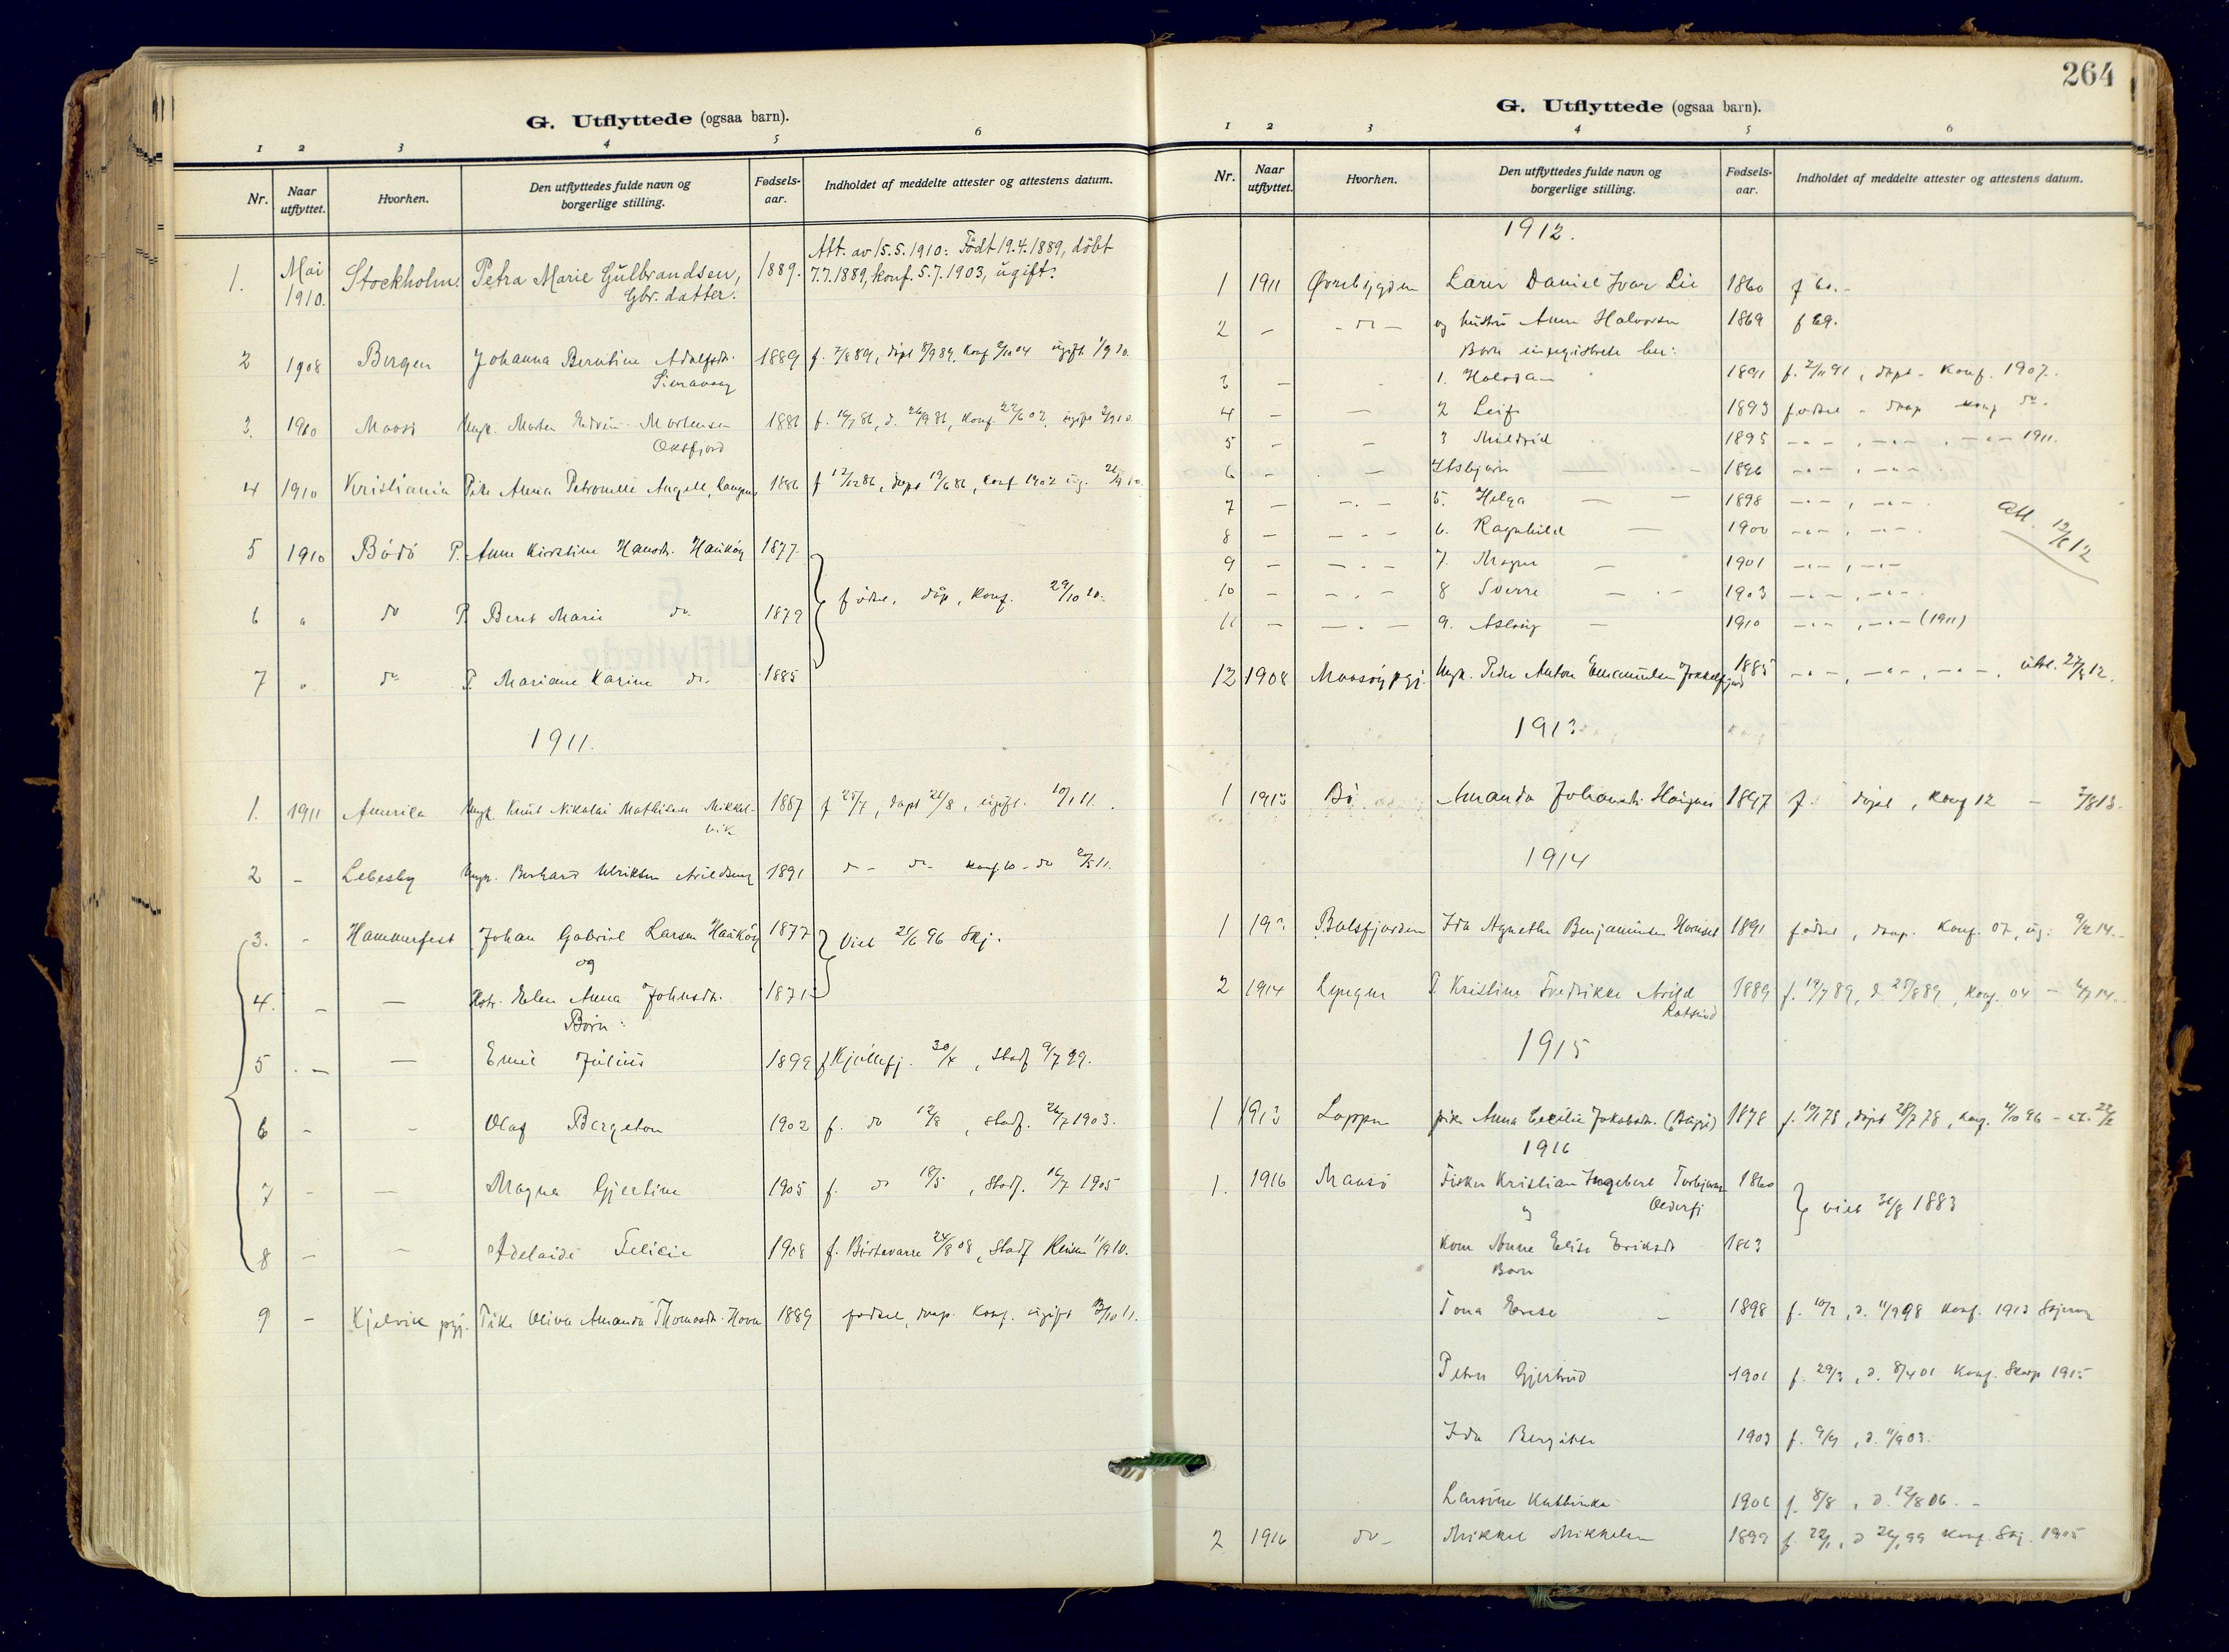 SATØ, Skjervøy sokneprestkontor, H/Ha/Haa: Ministerialbok nr. 18, 1910-1926, s. 264